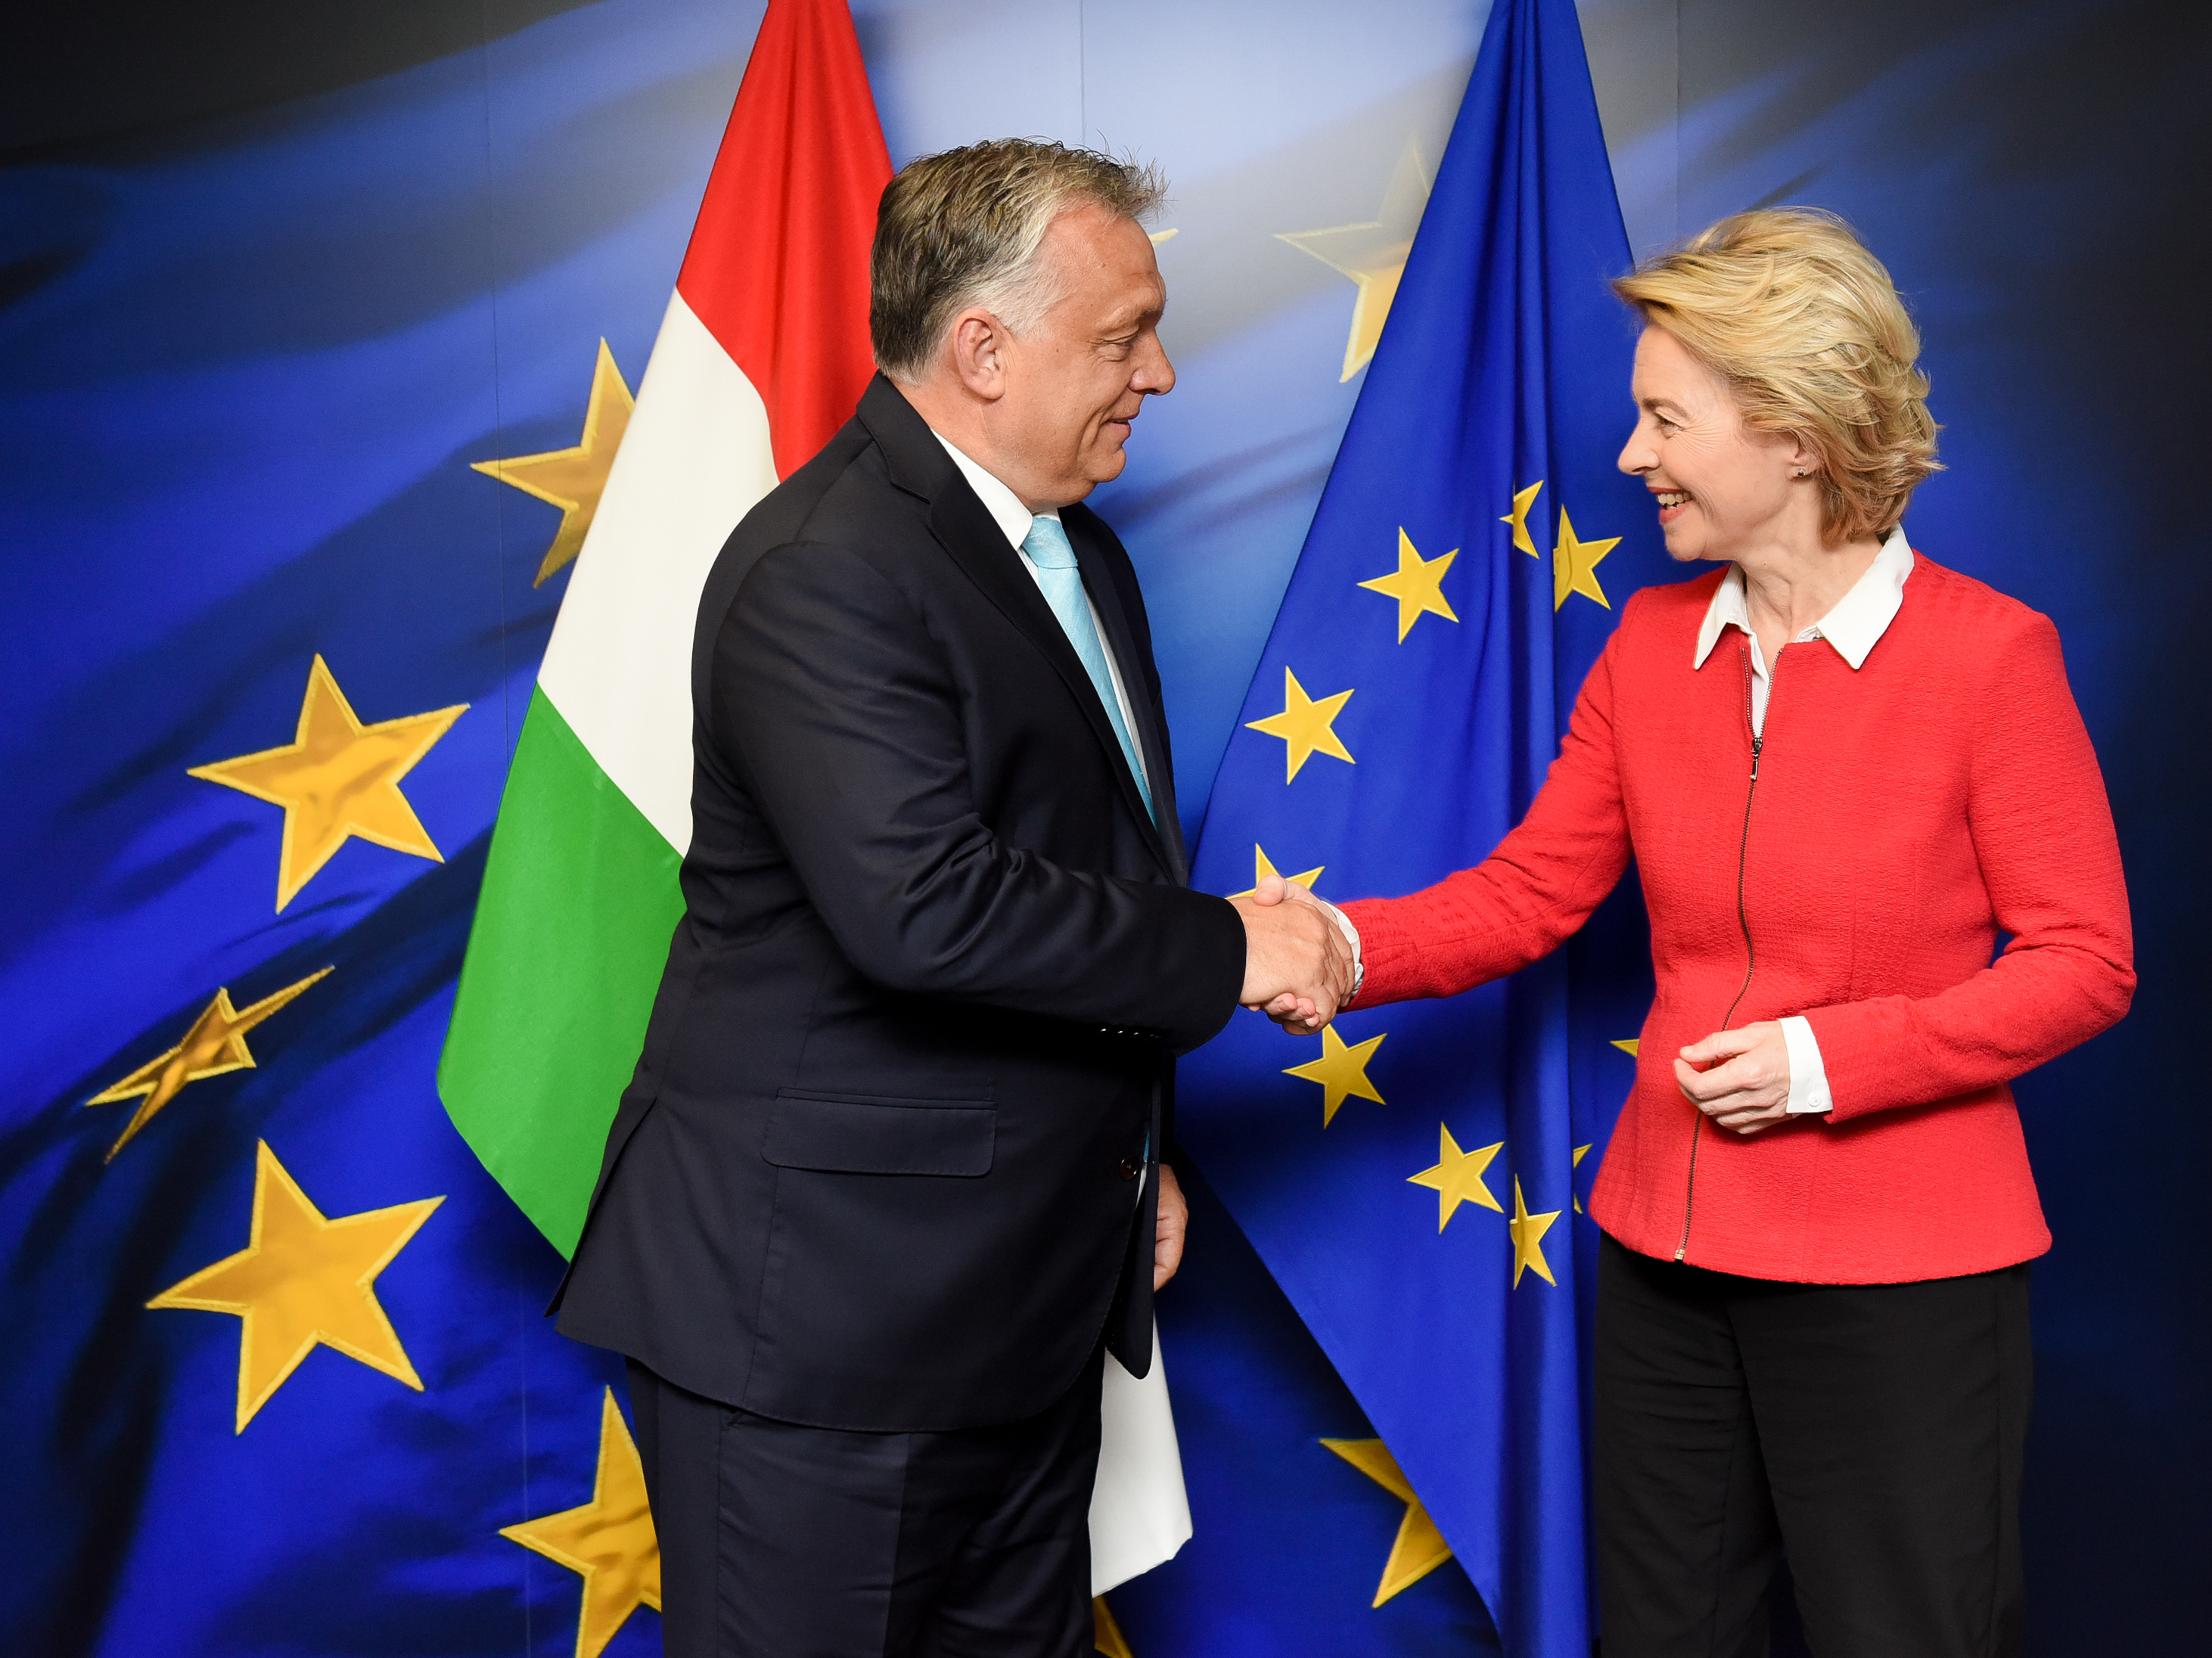 Orban praises von der Leyen after first face-to-face